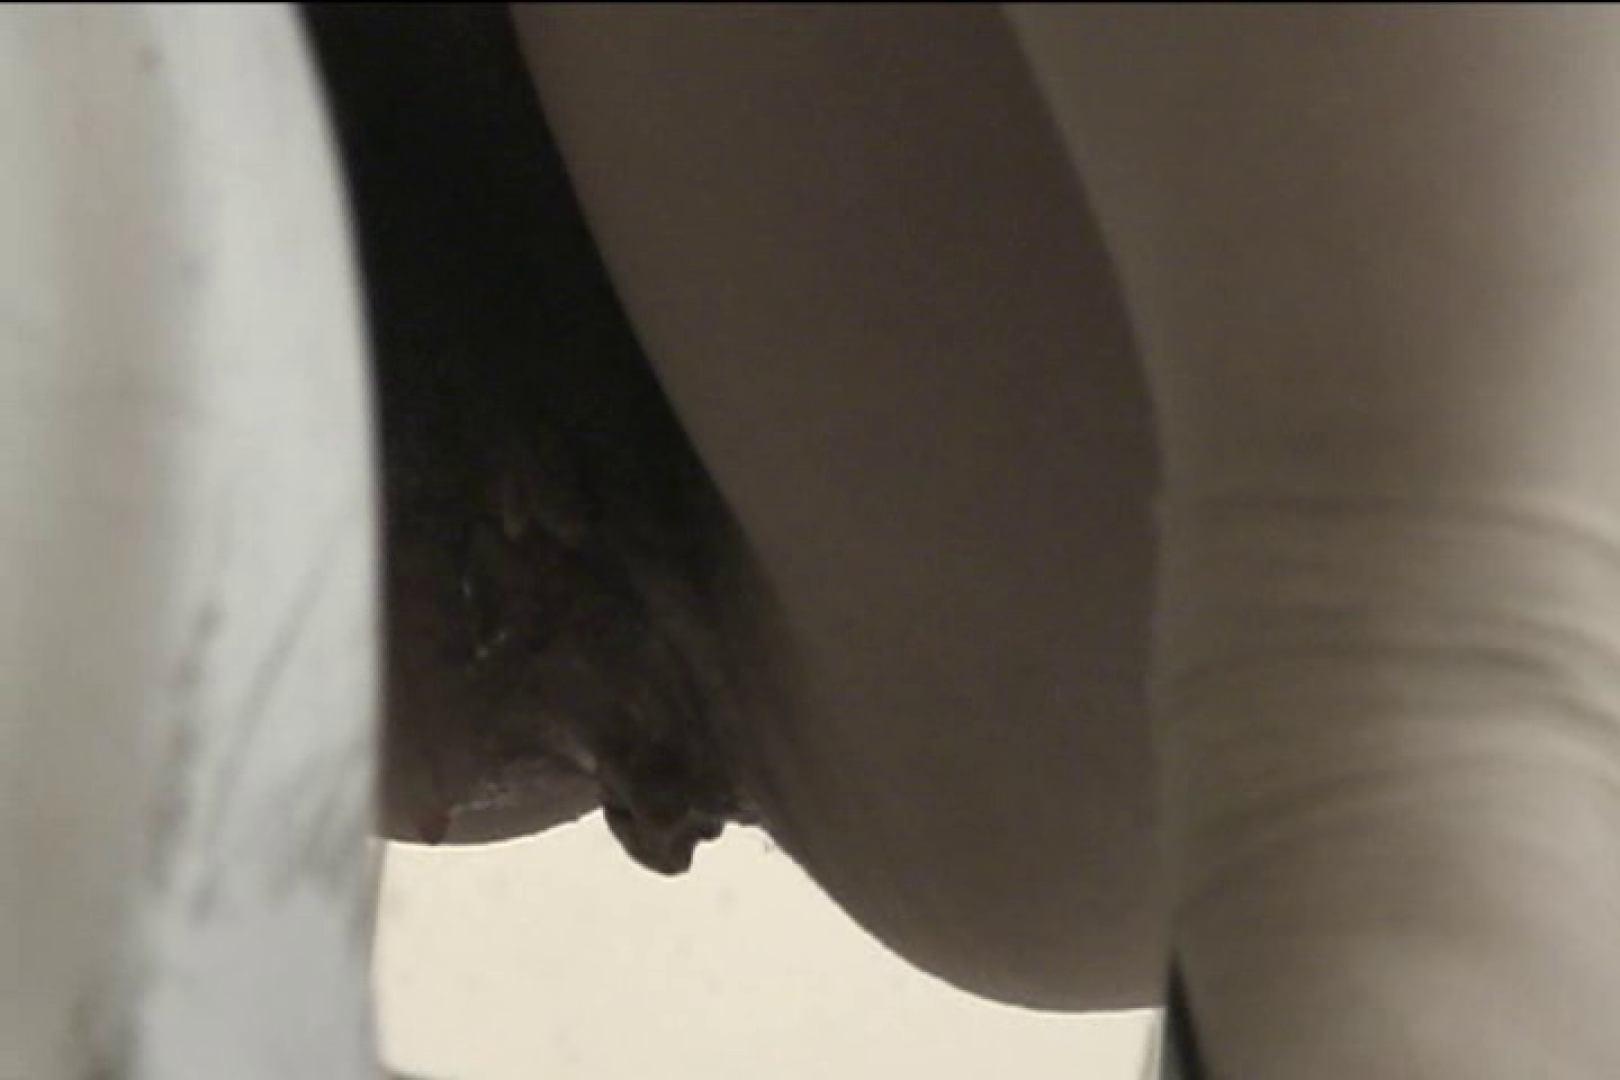 マンコ丸見え女子洗面所Vol.35 丸見えマンコ  106PIX 52